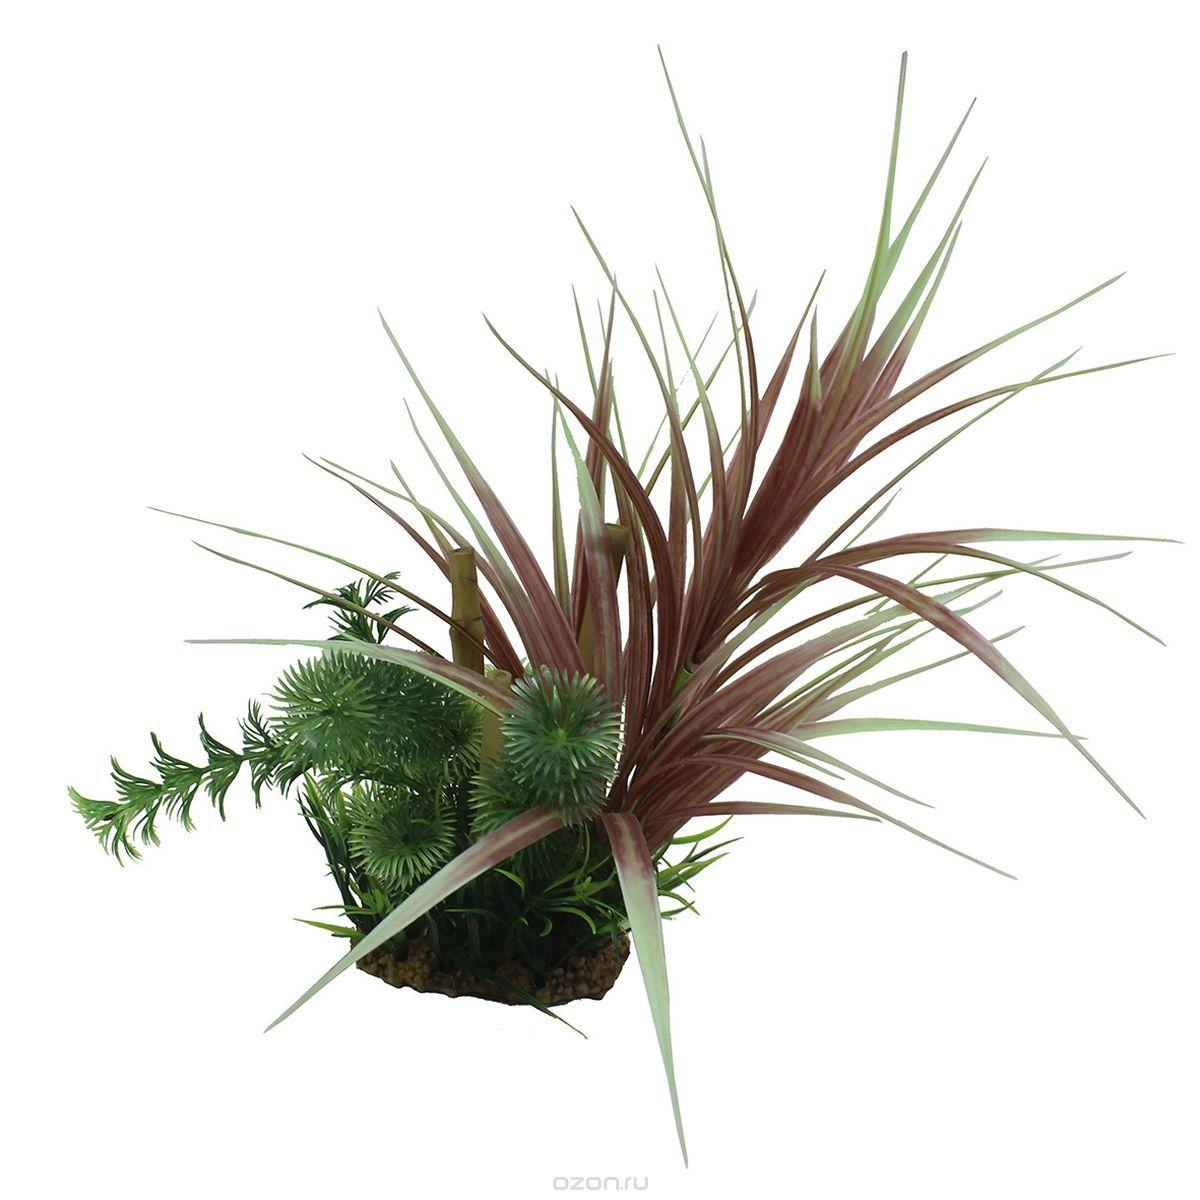 Композиция из растений для аквариума ArtUniq Офиопогон красный с бамбуком, высота 20 см0120710Декорация для аквариума ArtUniq Офиопогон красный с бамбуком, выполненная из высококачественного нетоксичного пластика, станет прекрасным украшением вашего аквариума. Декорация абсолютно безопасна, нейтральна к водному балансу, устойчива к истиранию краски, подходит как для пресноводного, так и для морского аквариума. Благодаря декорациям ArtUniq вы сможете смоделировать потрясающий пейзаж на дне вашего аквариума или террариума.